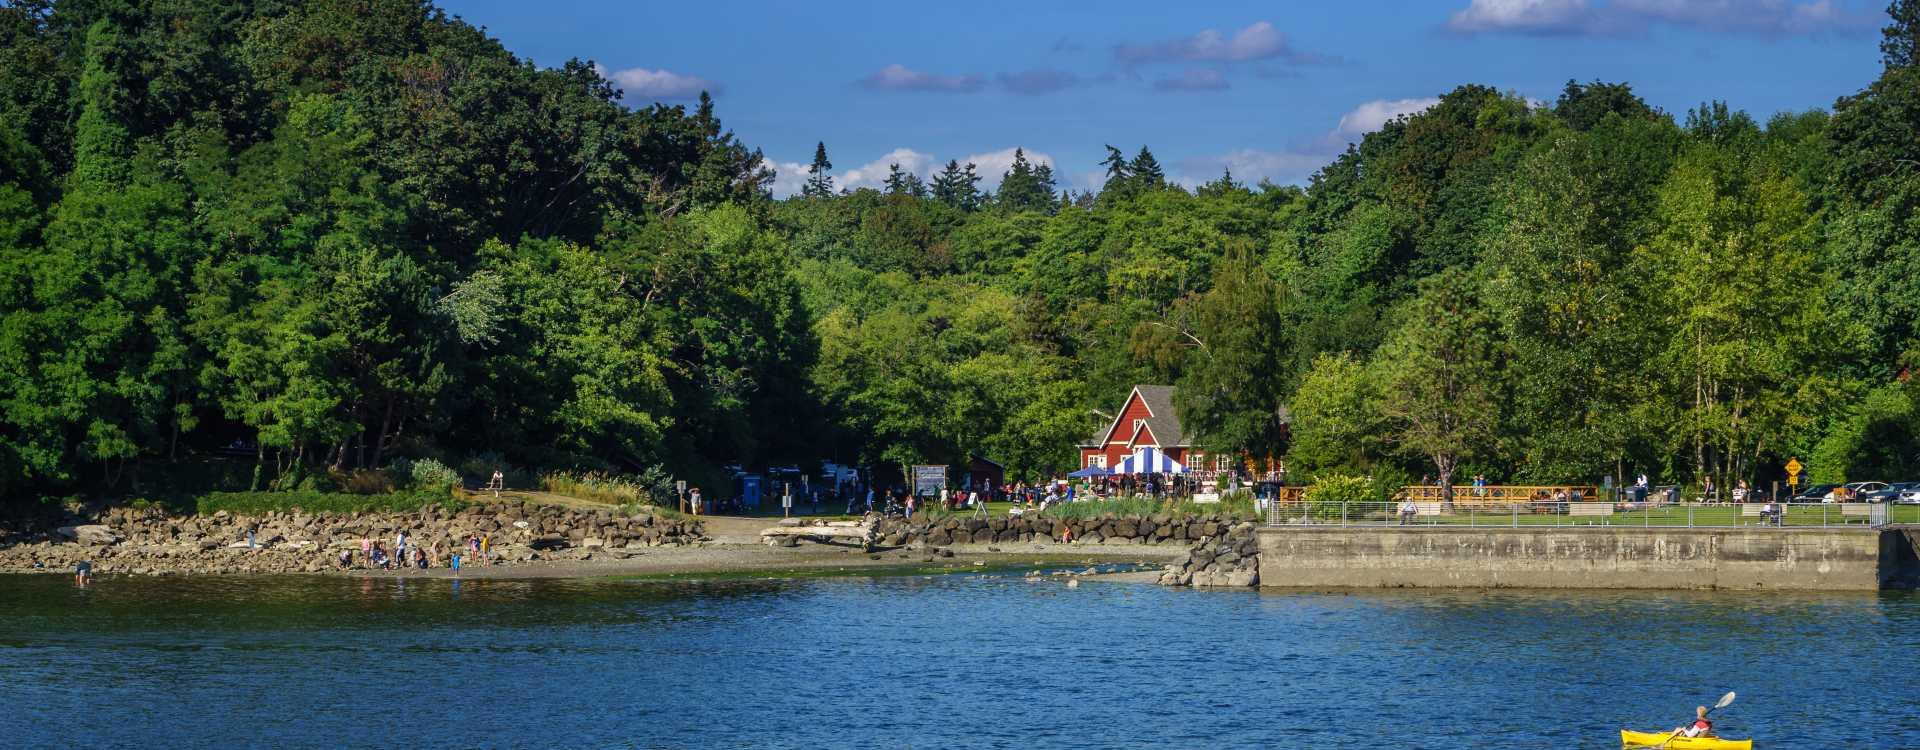 Des-Moines-Beach-Park